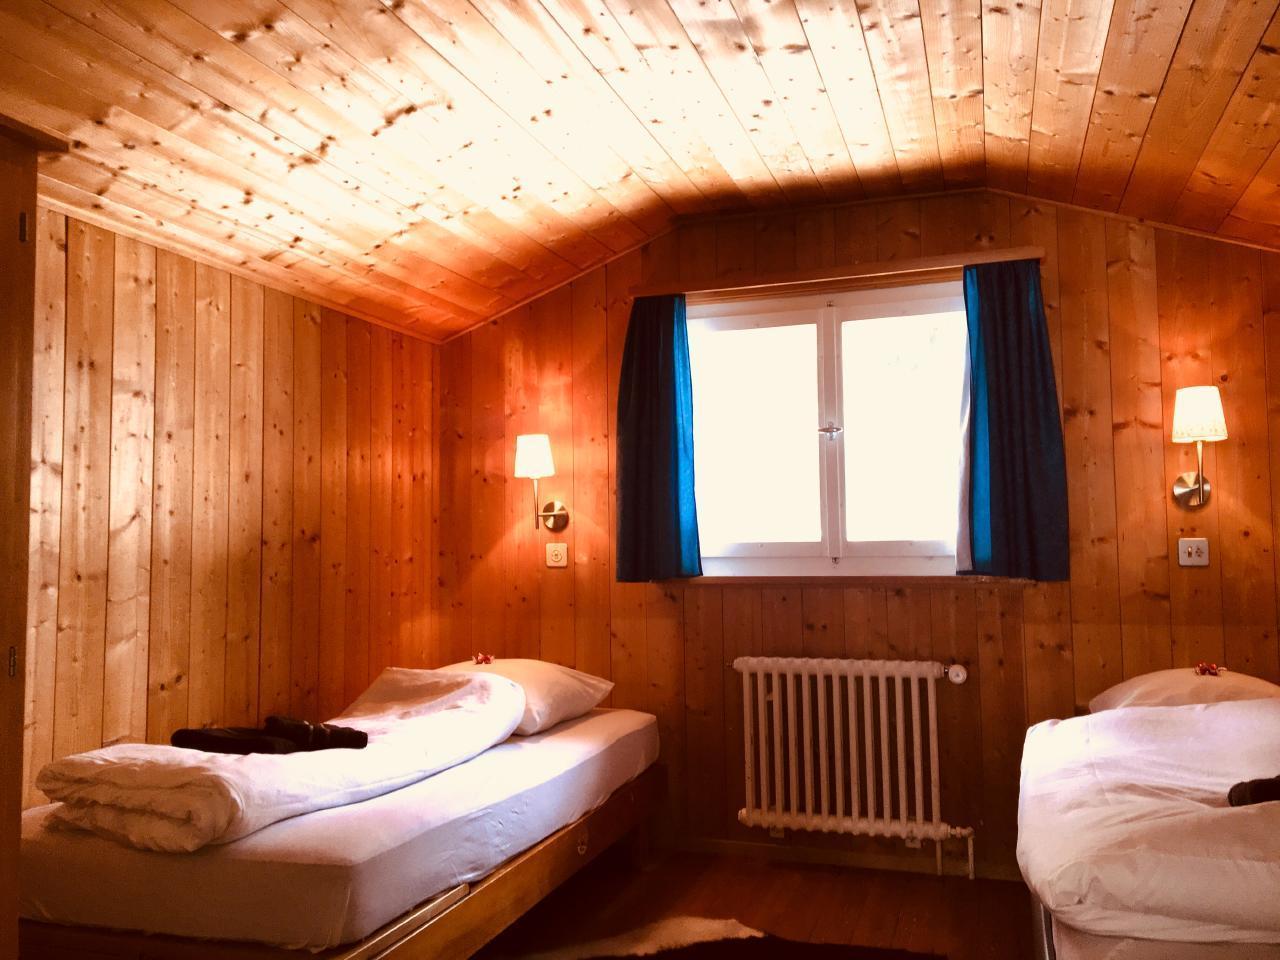 Ferienhaus The Holiday Home Davos (1070585), Davos Dorf, Davos - Klosters - Prättigau, Graubünden, Schweiz, Bild 6